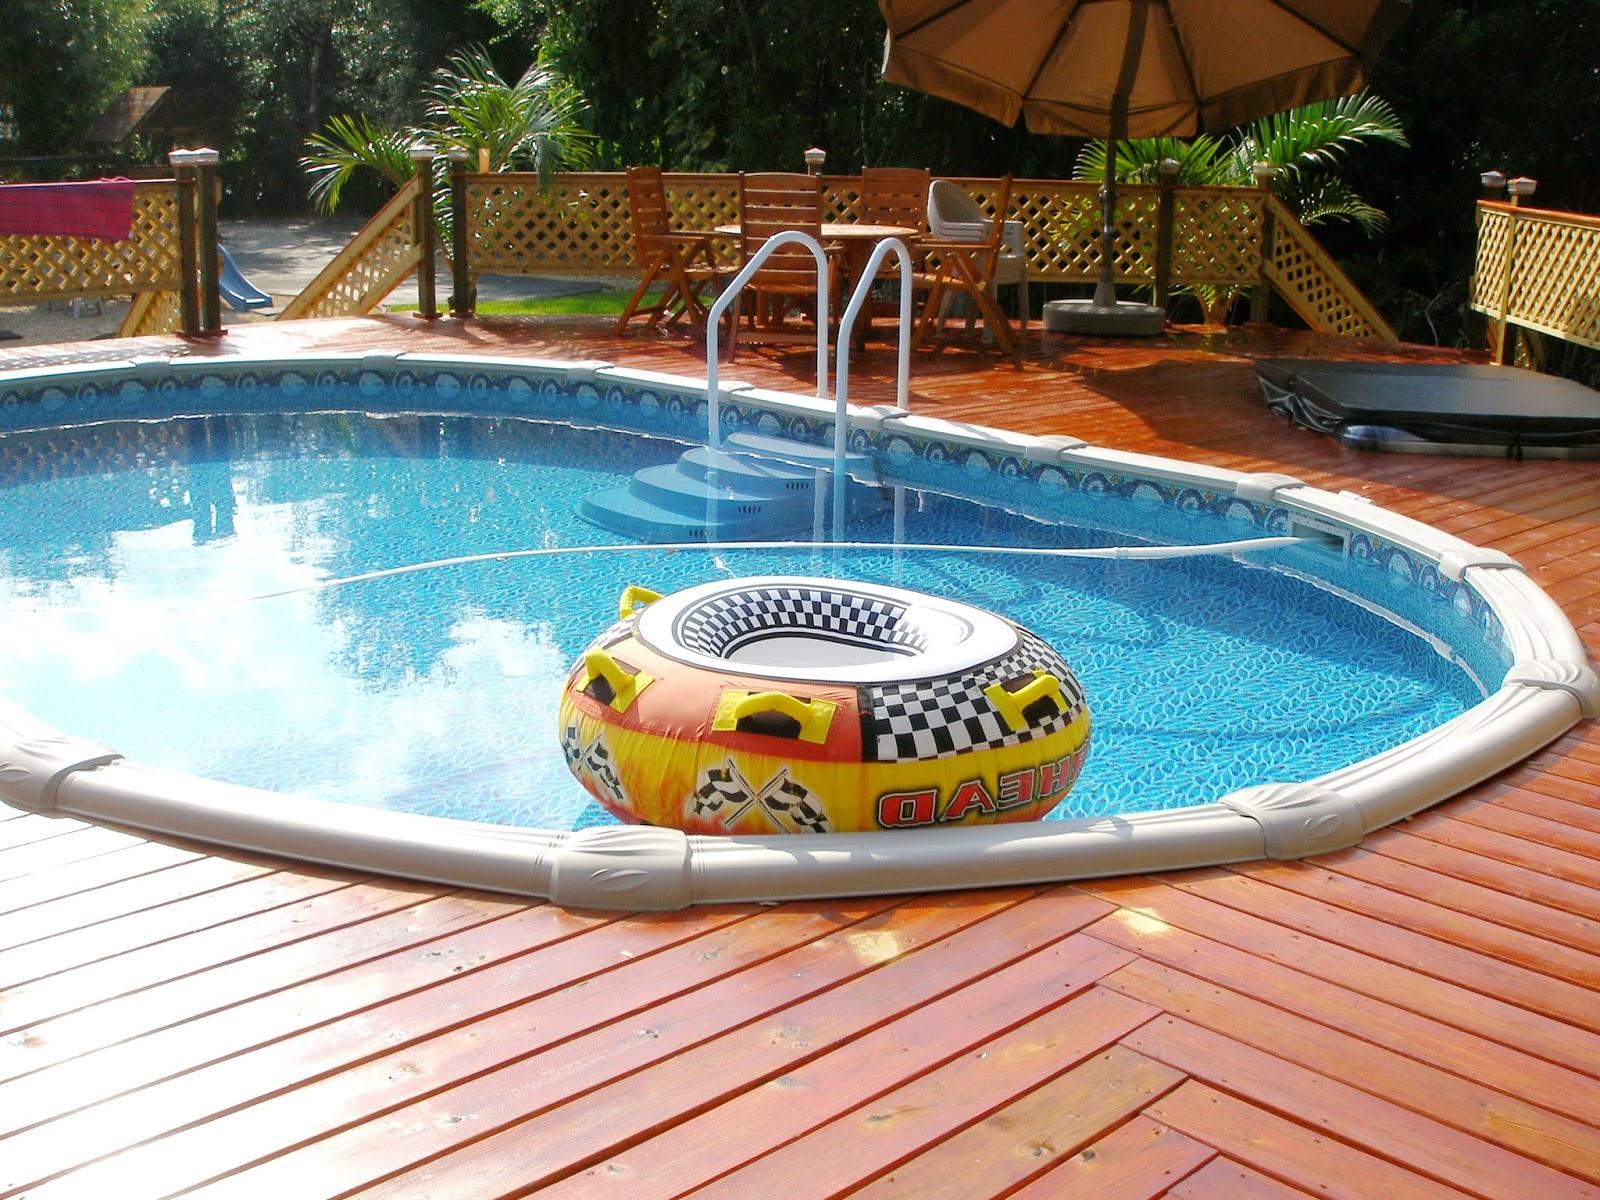 Multinotas dise os modernos de piscinas enterradas - Diseno de piscinas ...